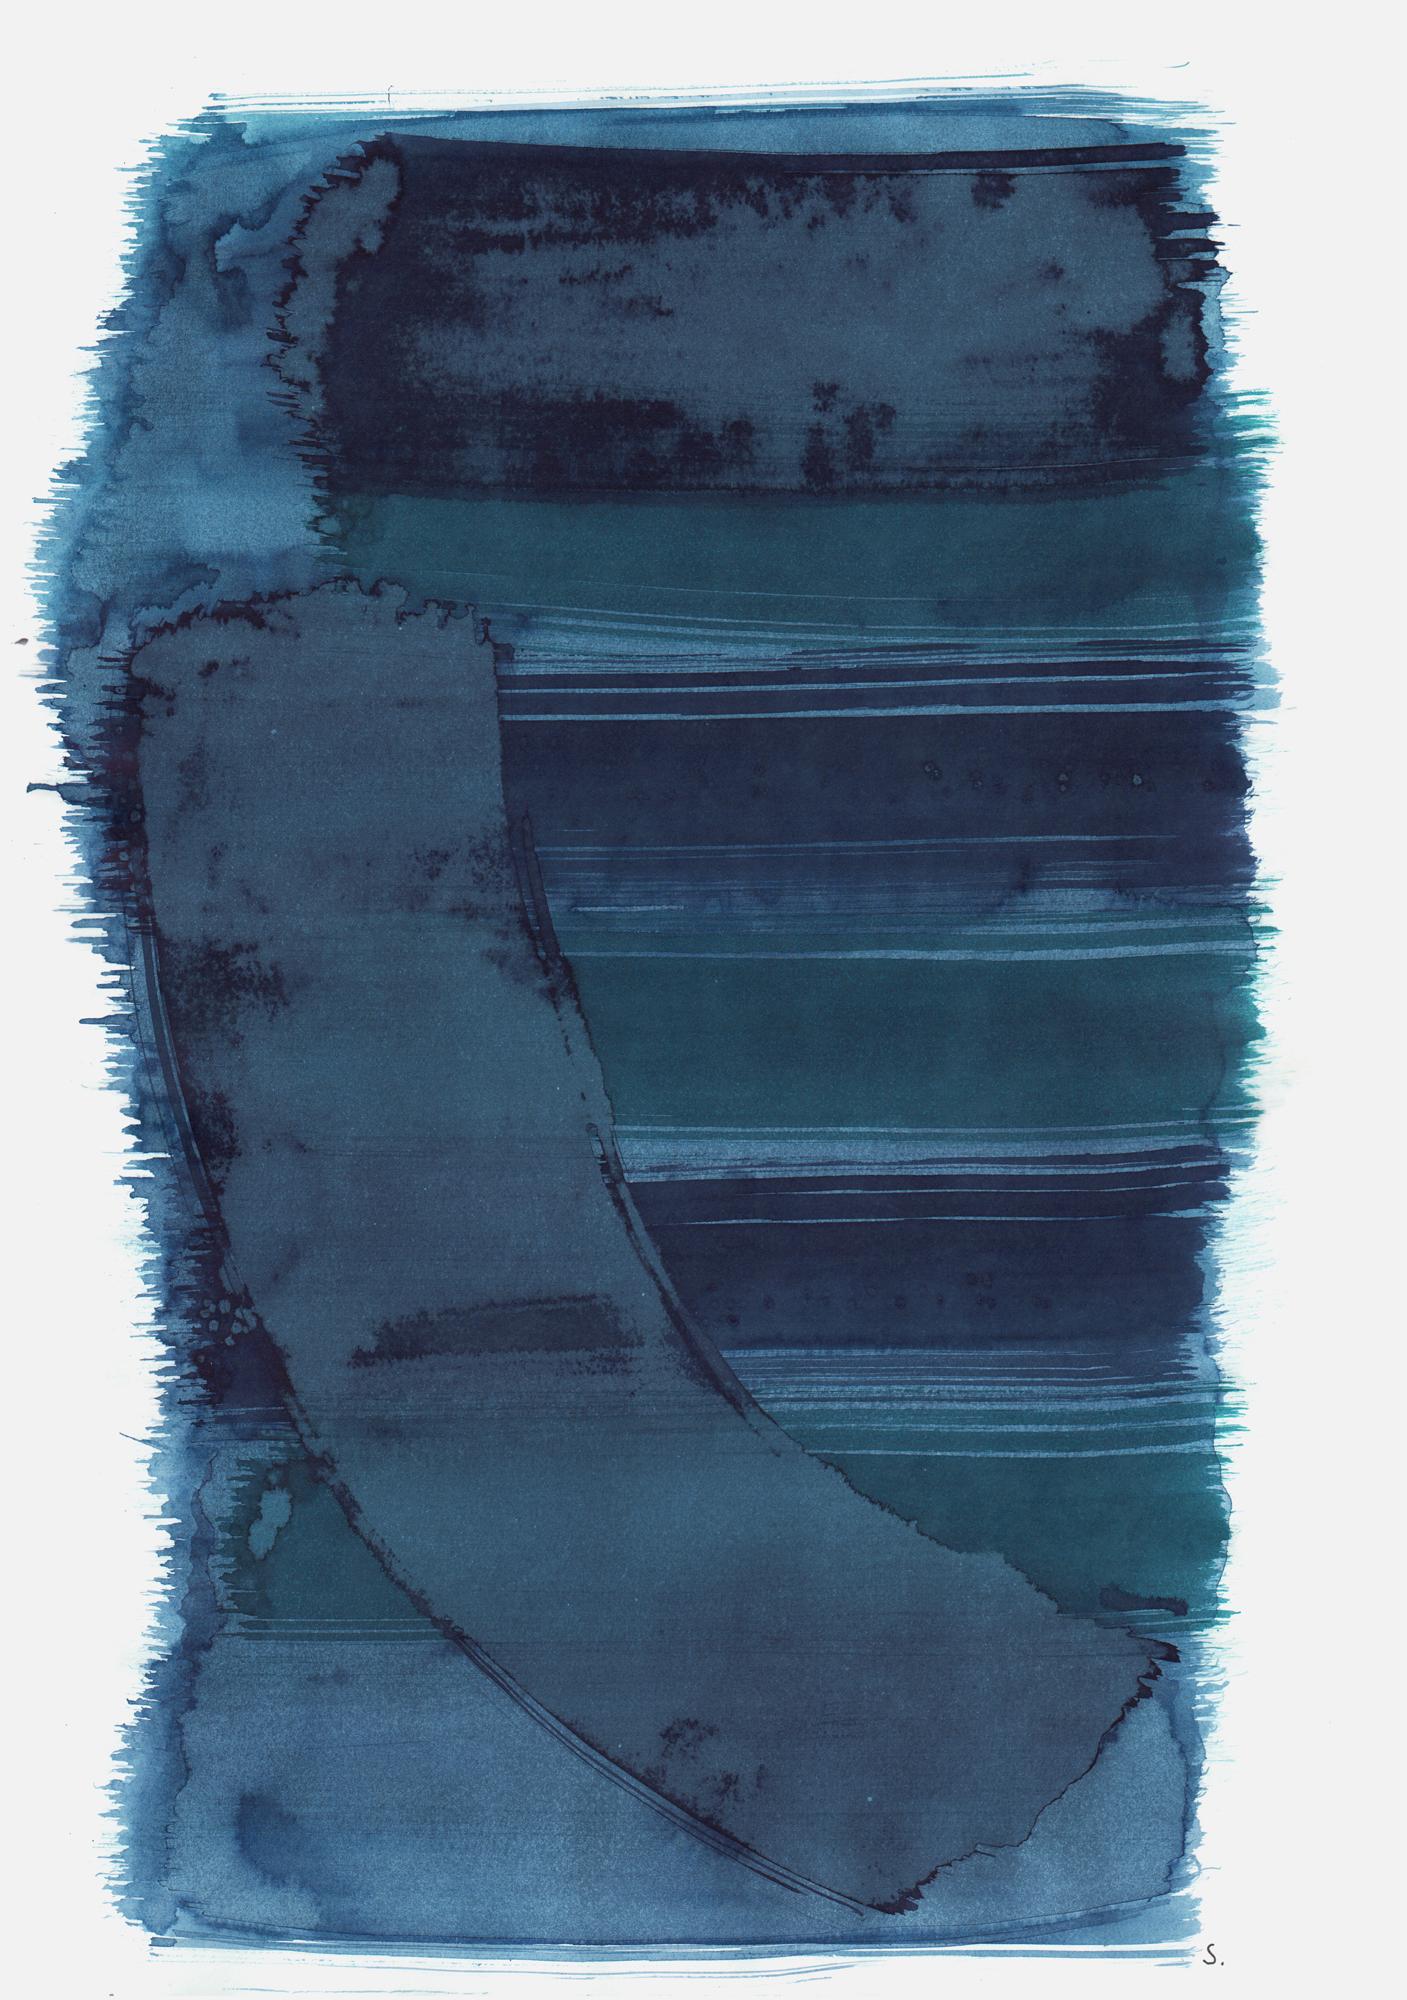 """""""An Tana Adam"""", 2019, Tusche auf Papier, 48 x 36cm; ©: Konstanze Sailer [Adam, Tana; * 28.10.1942 in Berlin; deportiert aus Berlin; † nach dem 12.01.1943 in Auschwitz]"""